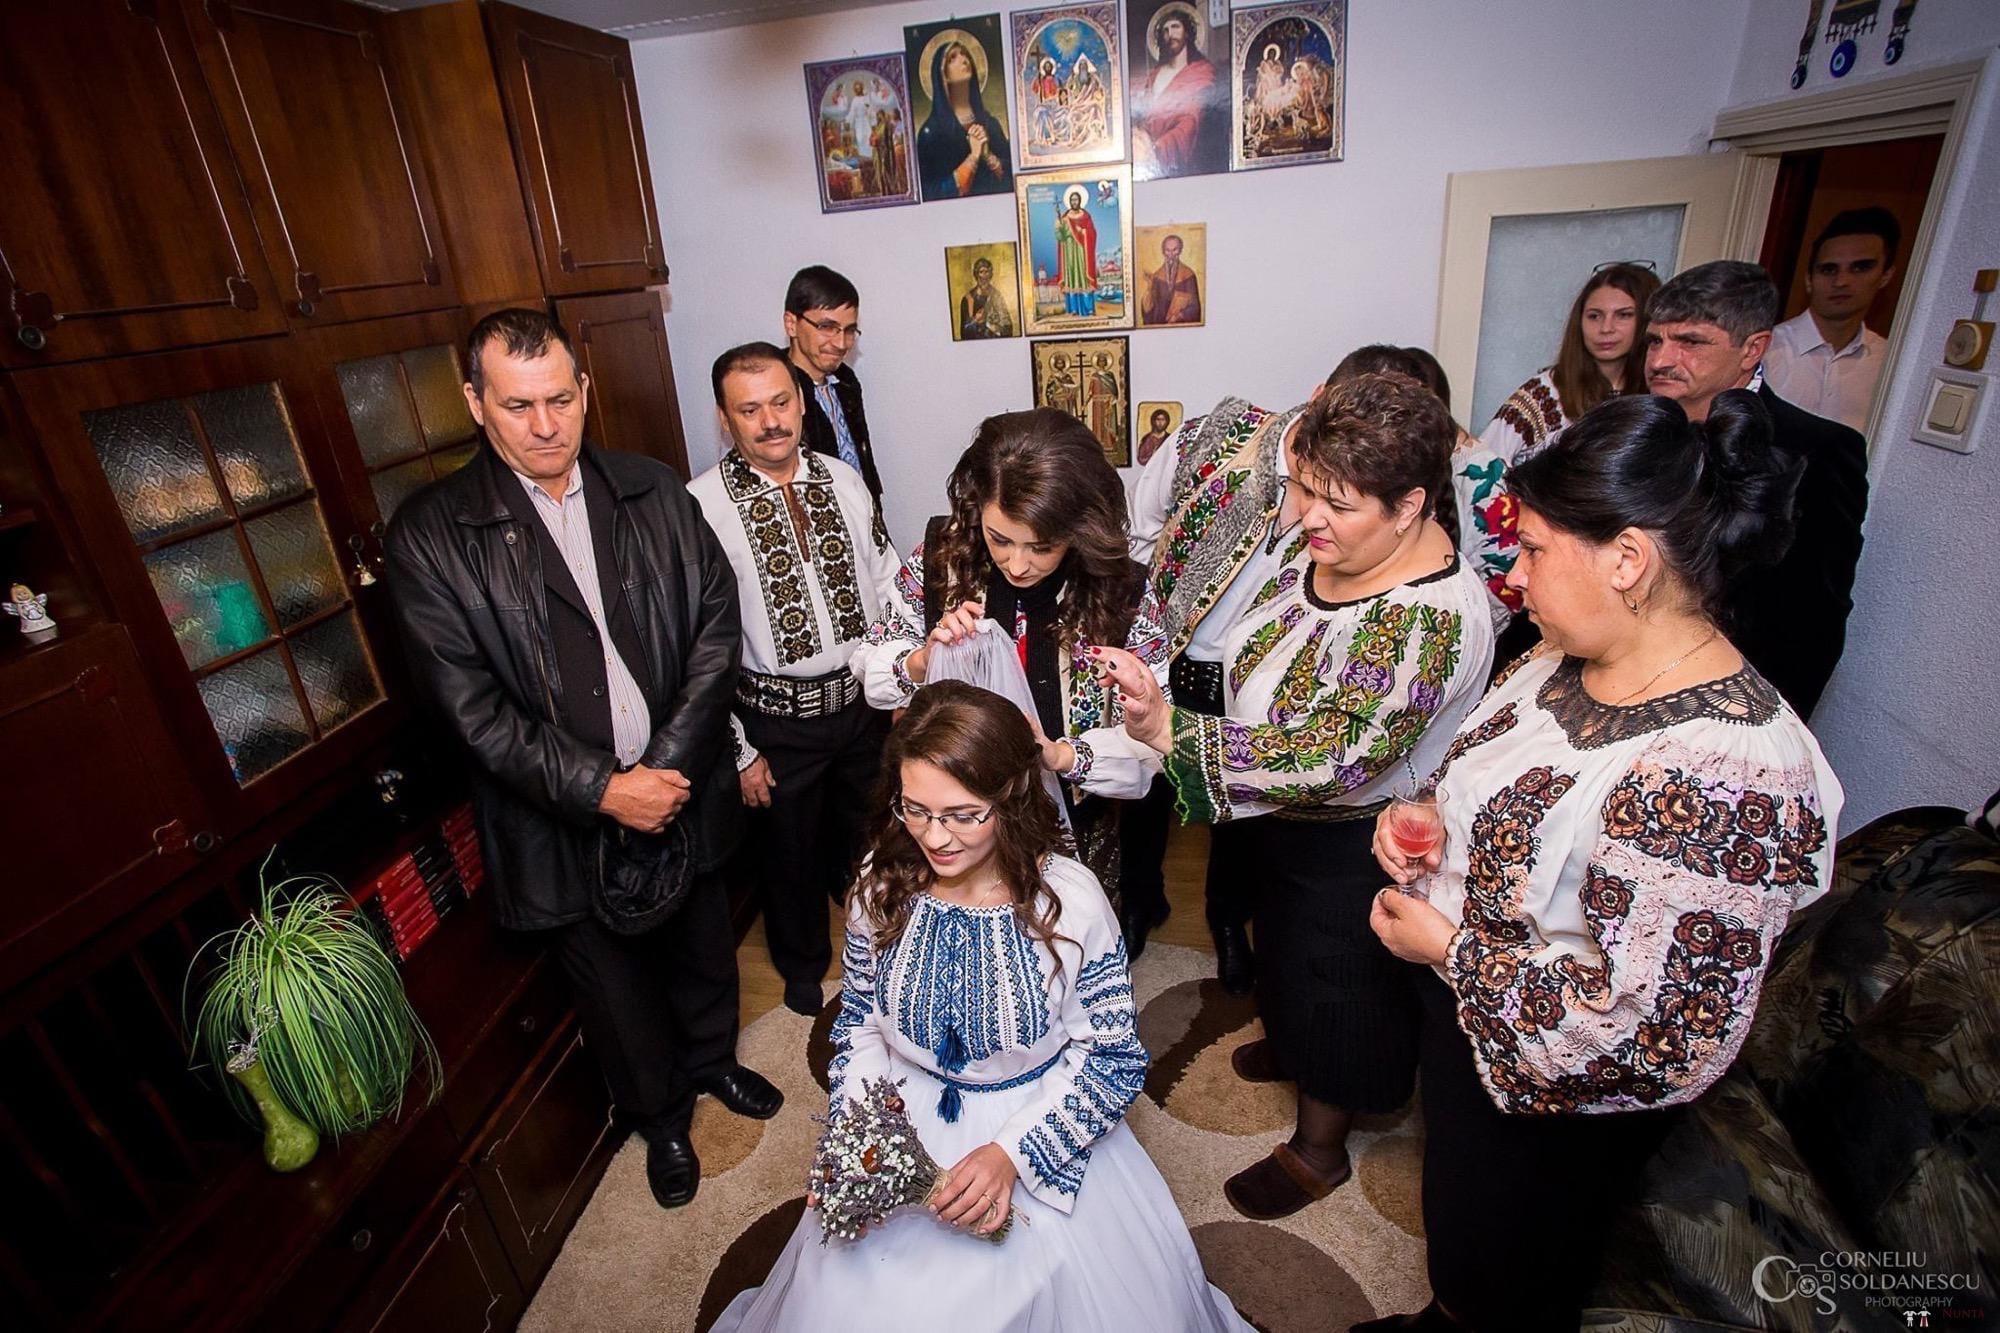 Povești Nunți Tradiționale - Ioana-Alexandra și Bogdan-Vasile. Nuntă tradițională în Fălticeni 32